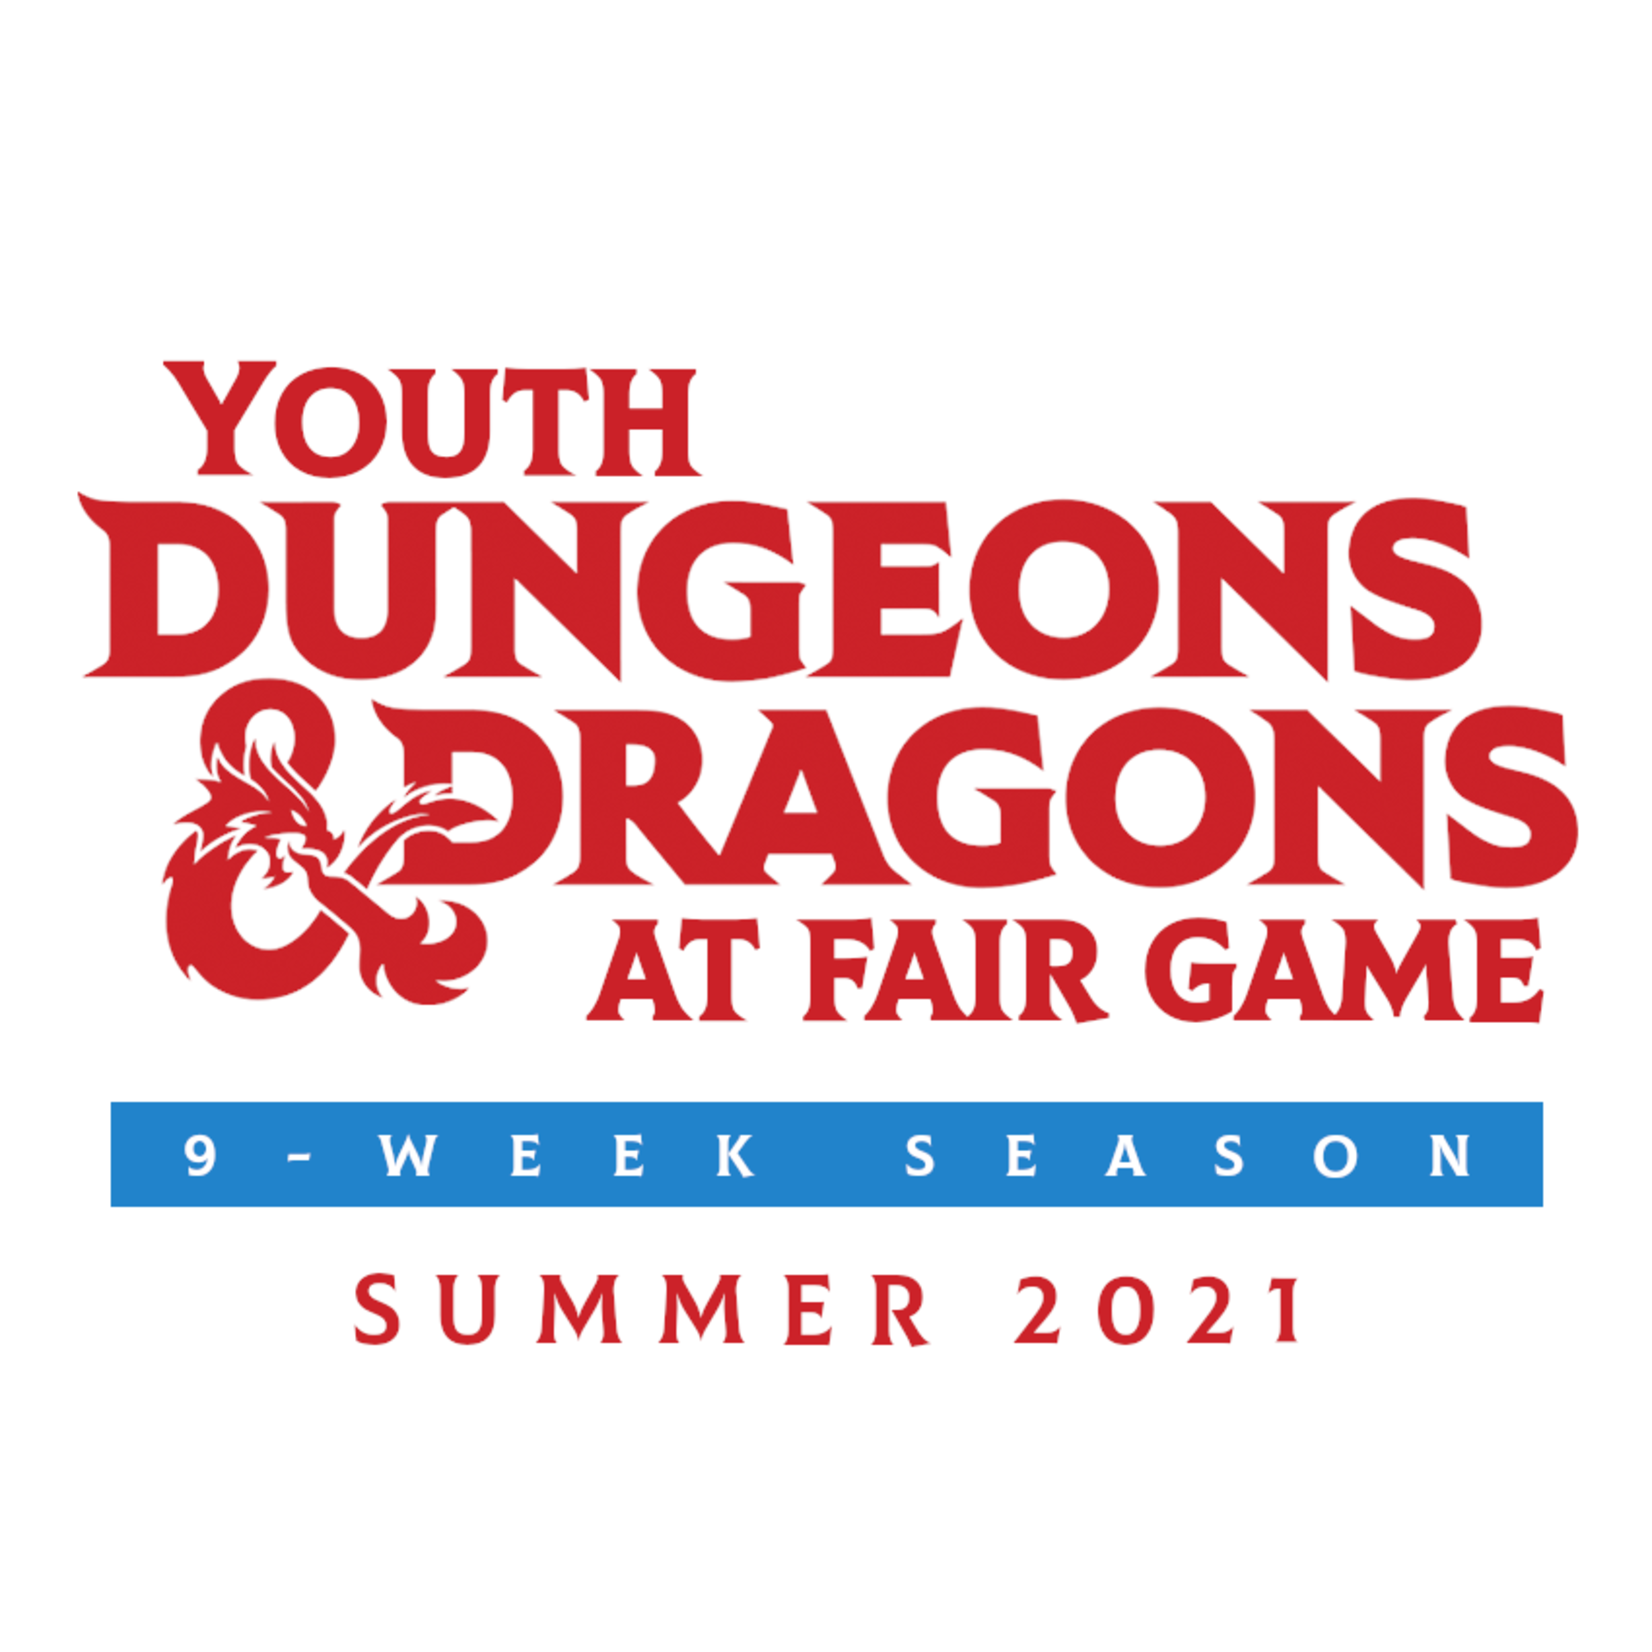 Fair Game YDND Summer 2021 - Group E - Thur 5-7 PM CST (Ages 14-17)